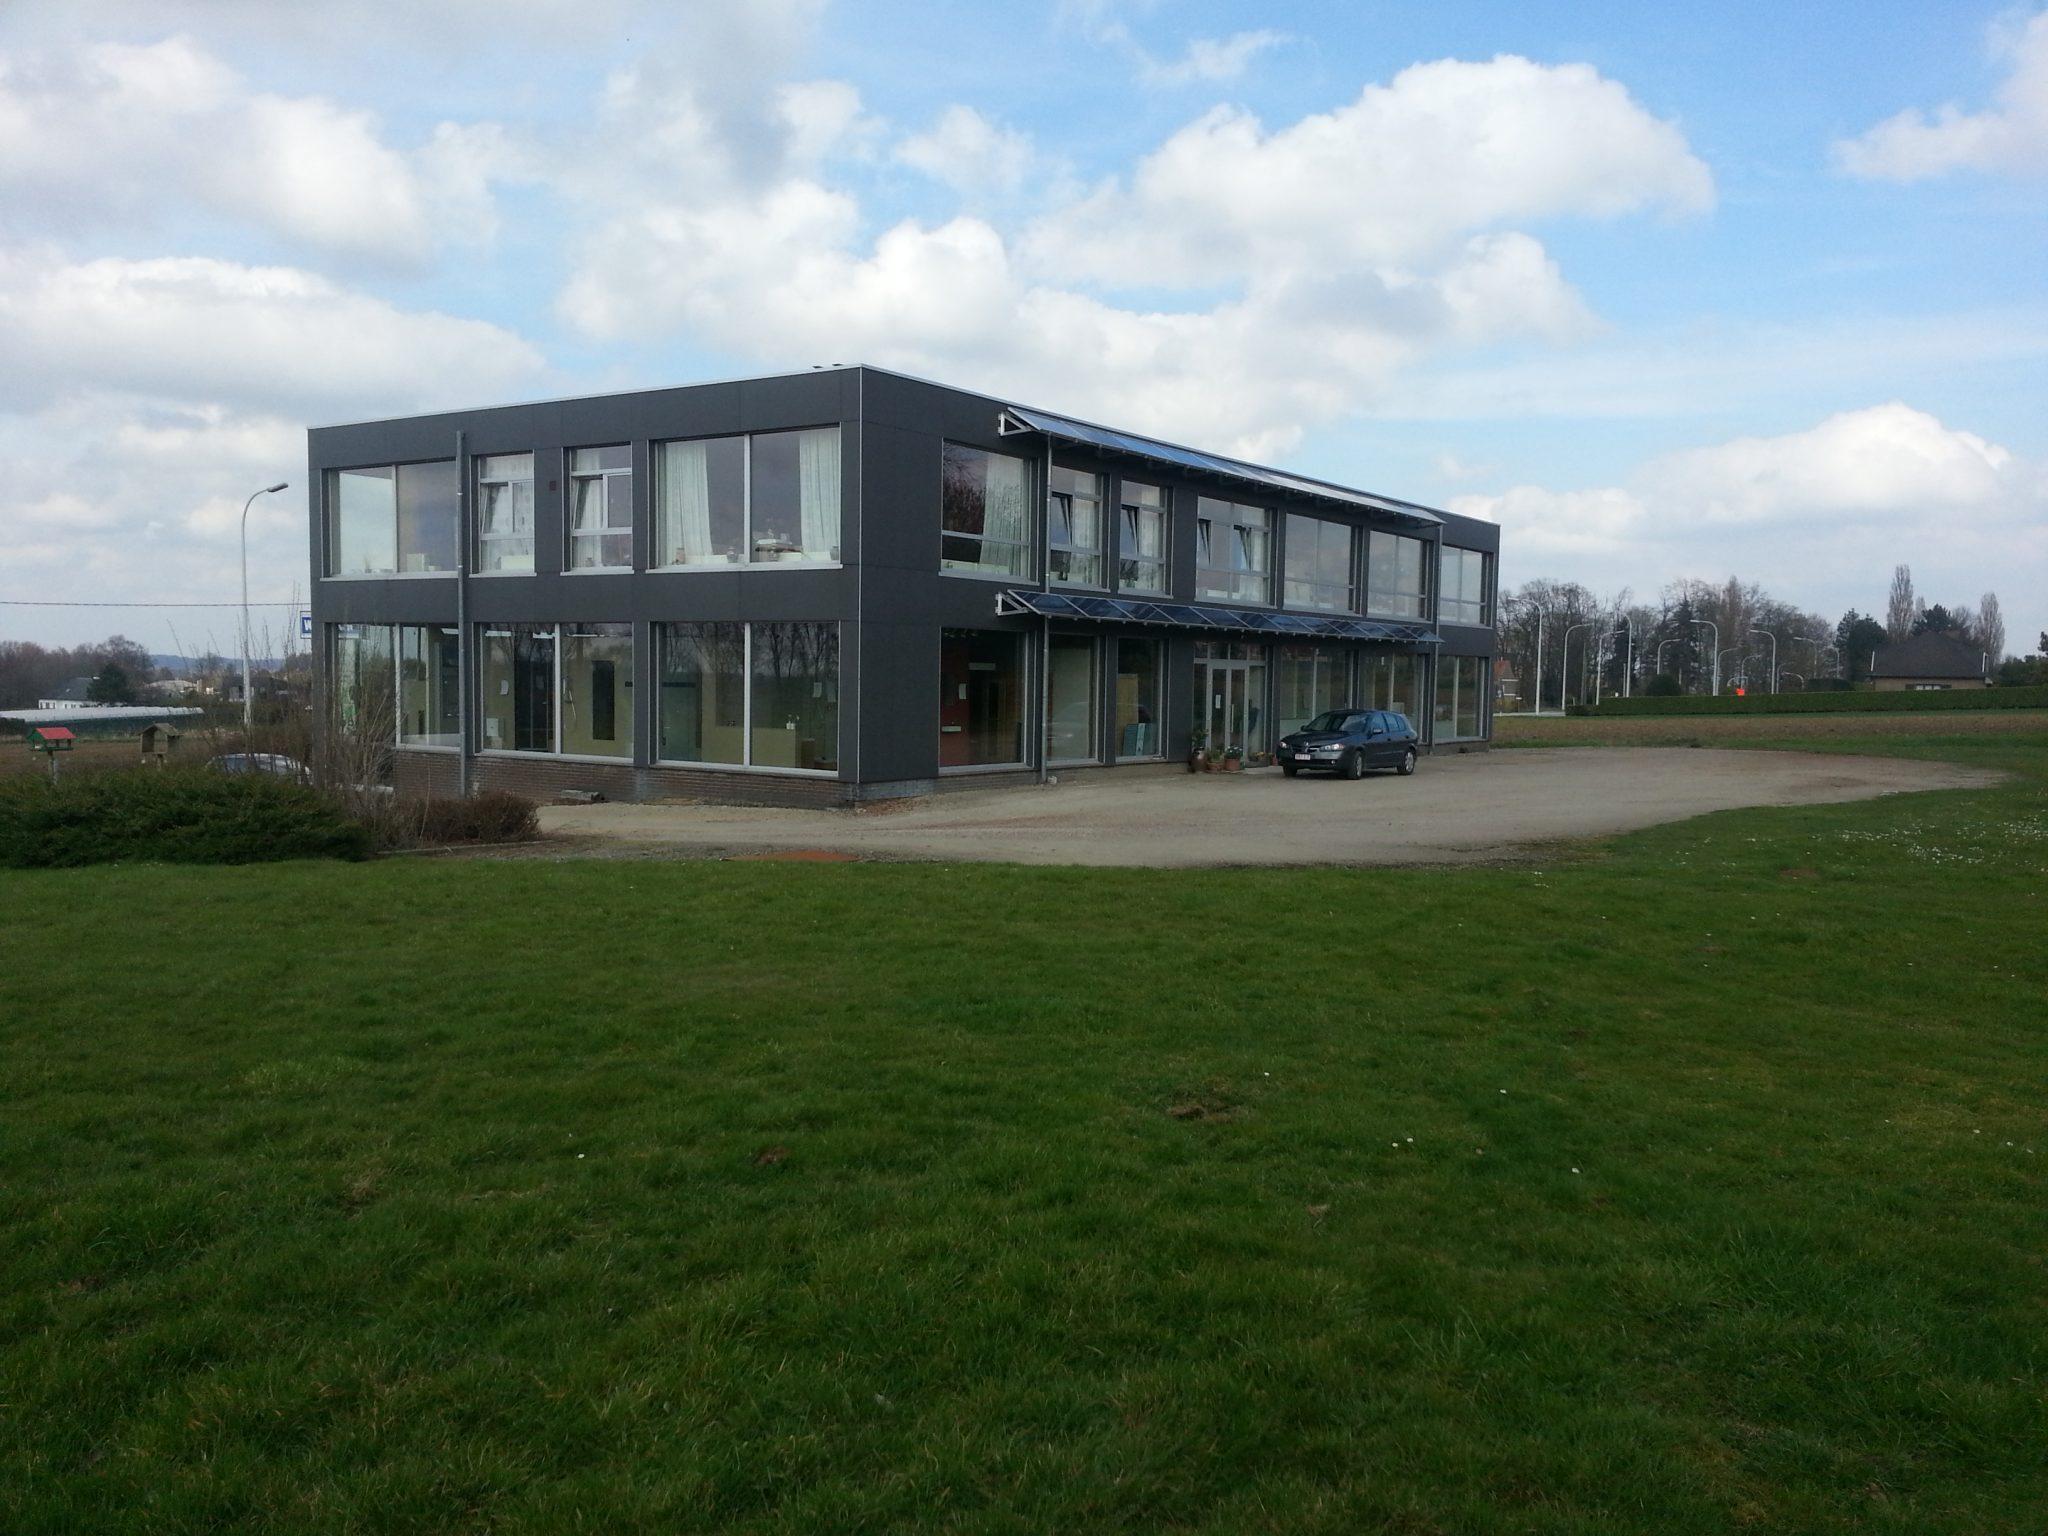 Woenst - Van Poucke